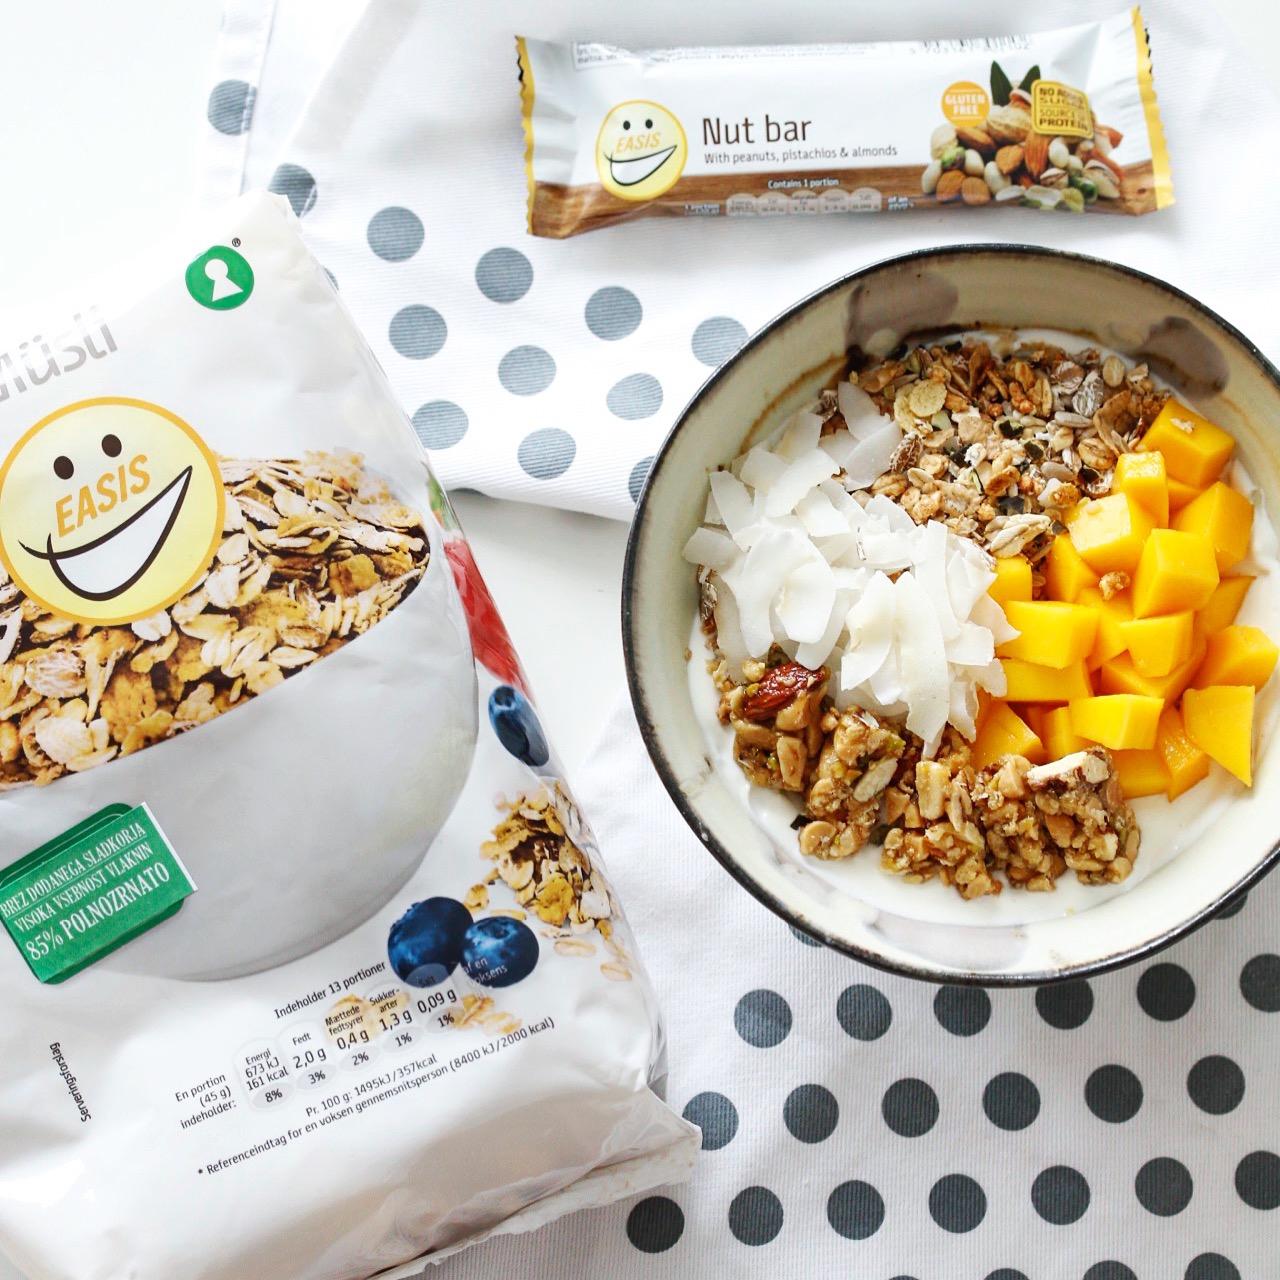 Proteinska ploščica, granola, brez glutena - brez sladkorja